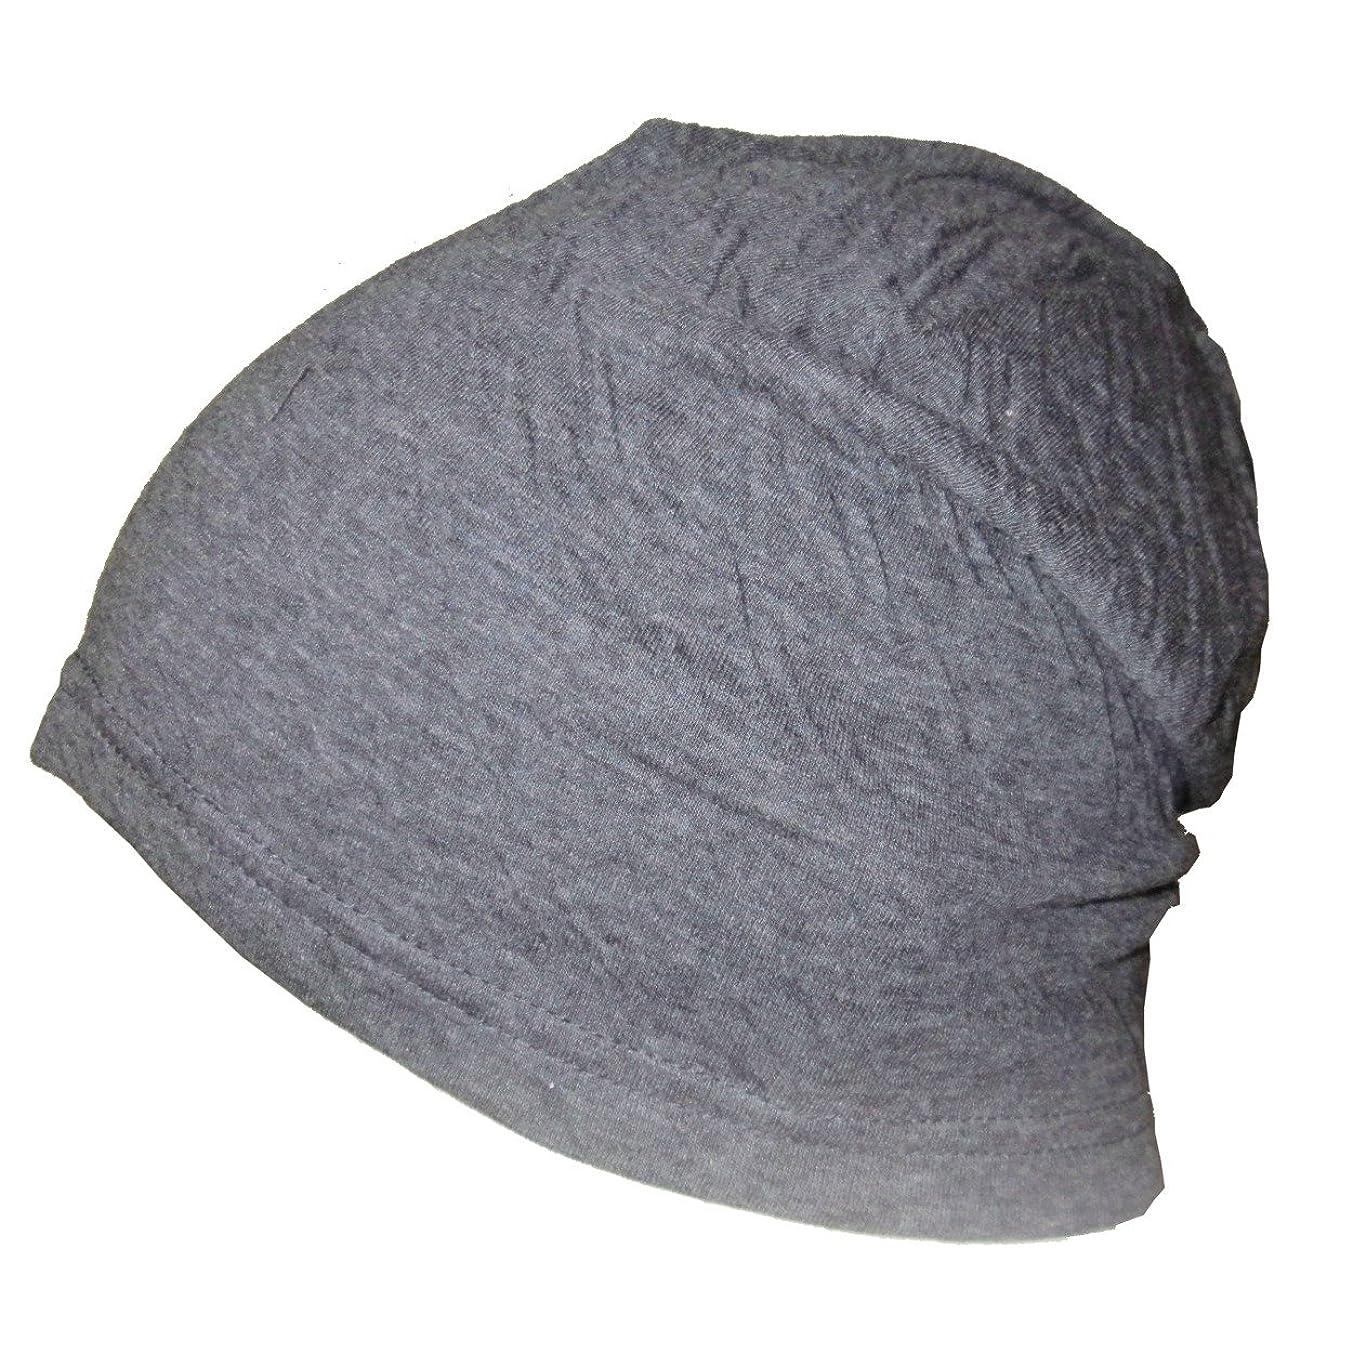 苦味人里離れたアンティーク抗がん剤帽子 医療用帽子 オーガニックコットン/ダブルガーゼ帽子 黒